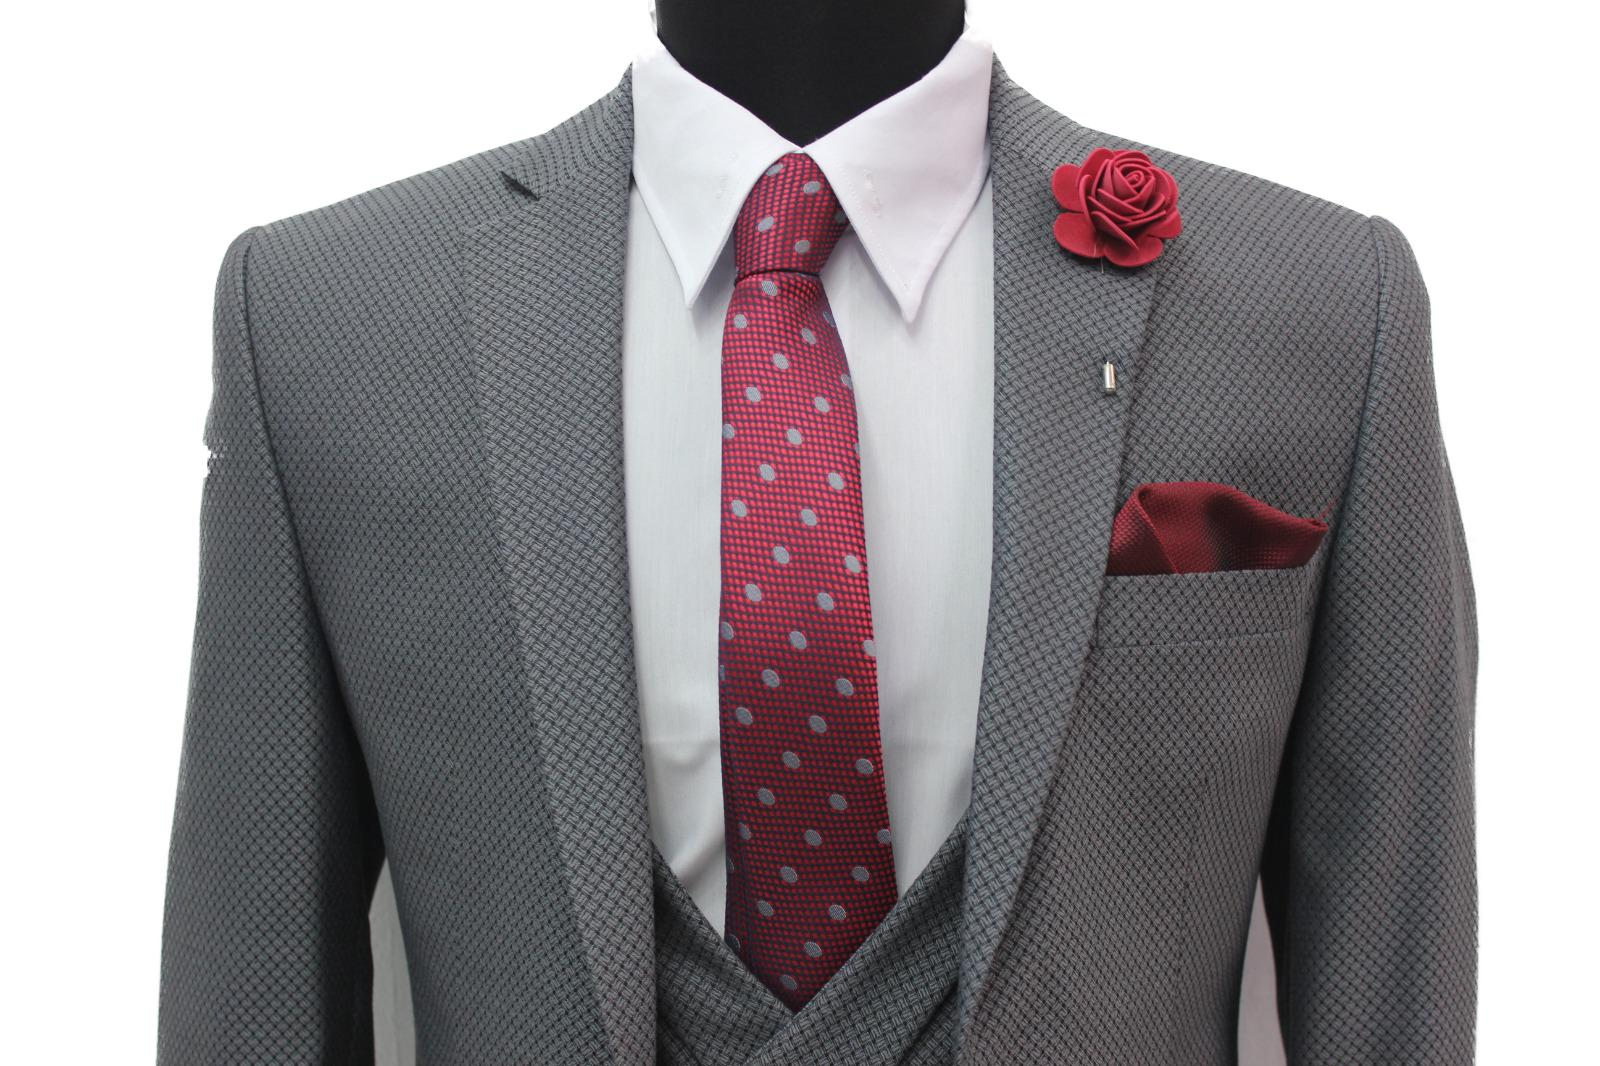 Erkek Giyim Bayilik Takım Elbise